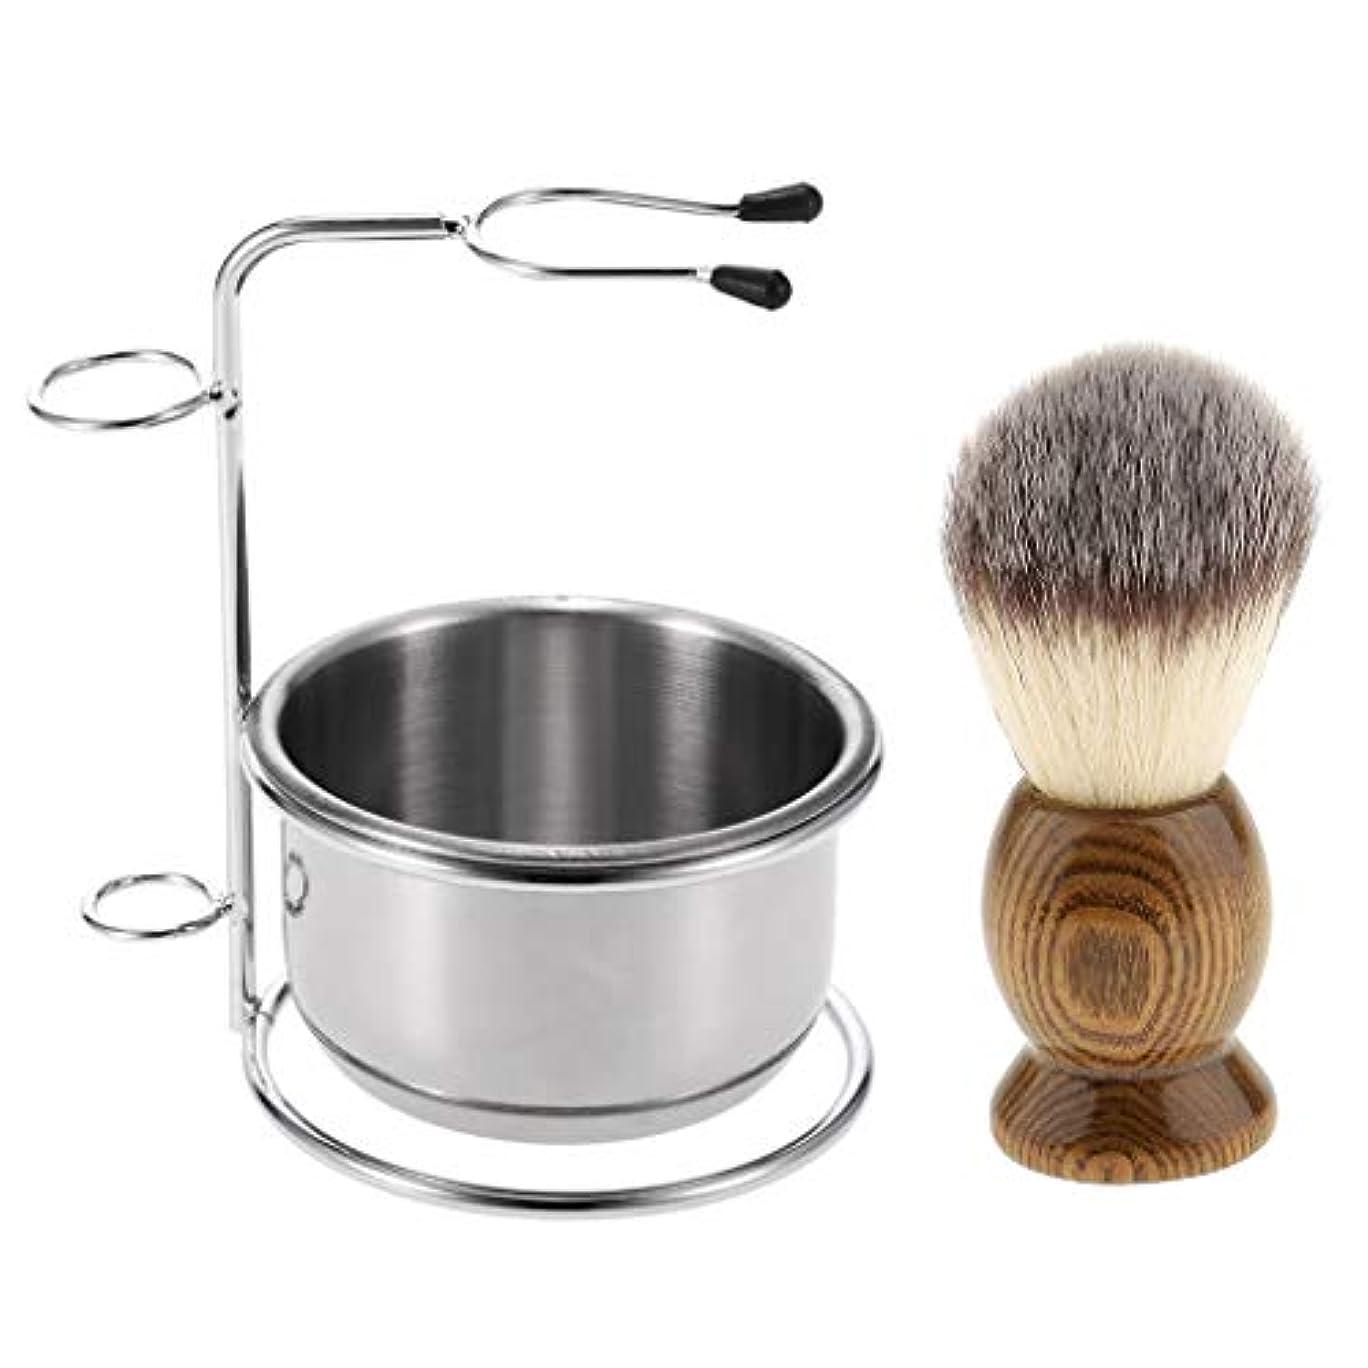 限界願望追い払うHellery 金属製ボウル シェービングブラシ ブラシホルダー サロン 髭剃り シェービングキット 美容室ツール